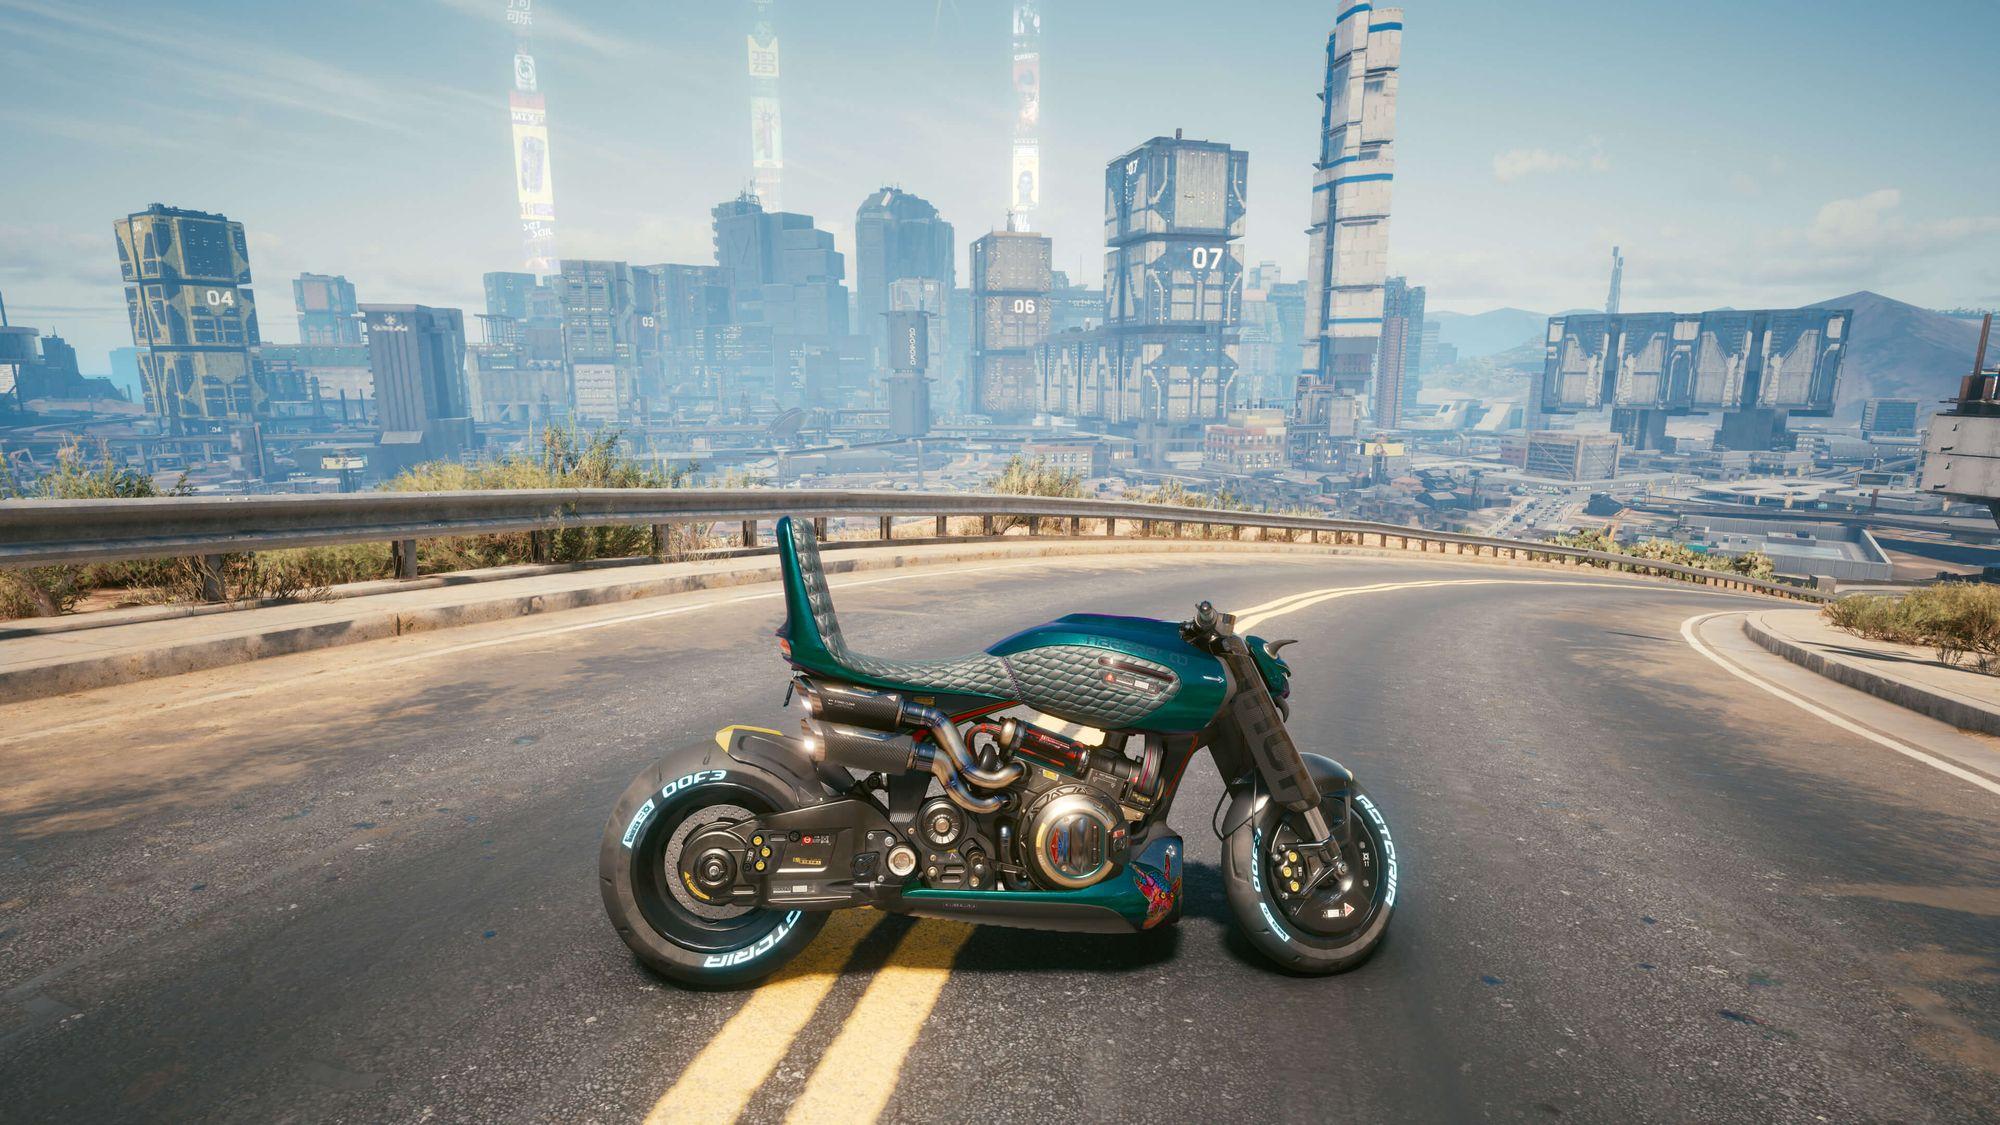 Η μοτοσυκλέτα Nazare Itsumade στη μέση ενός δρόμου από το παιχνίδι Cyberpunk